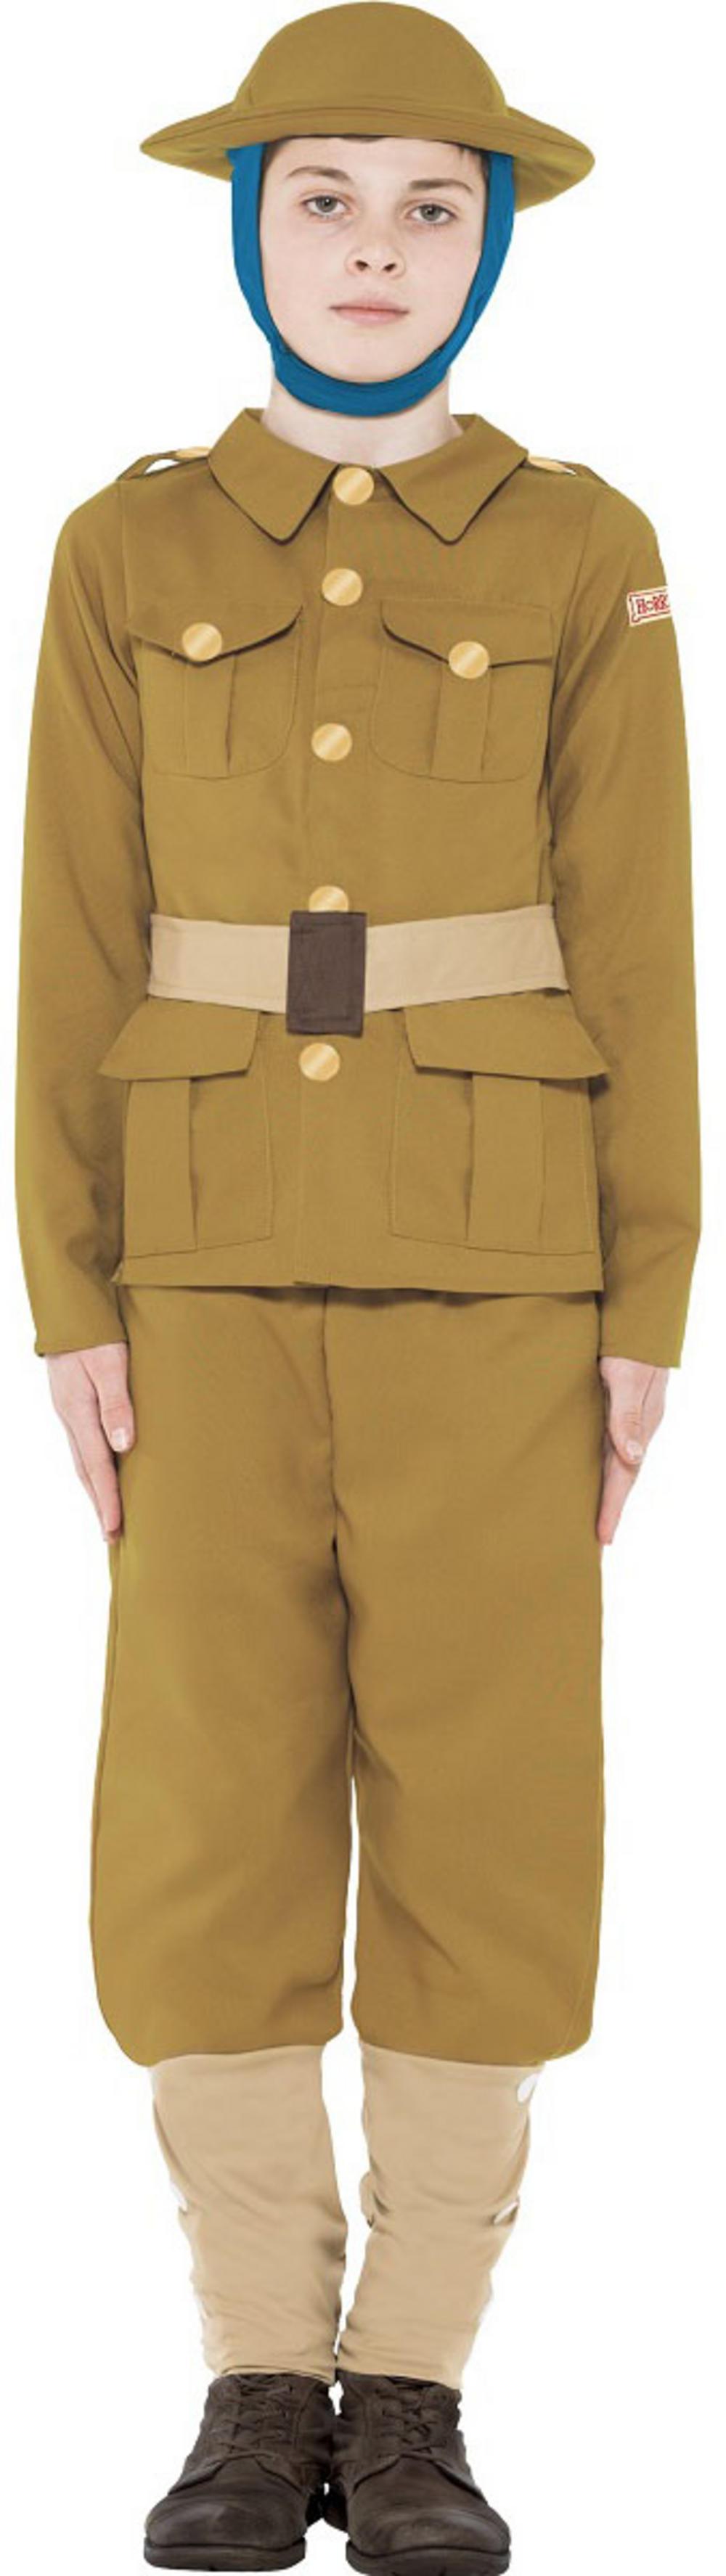 Horrible Histories WW1 Costume